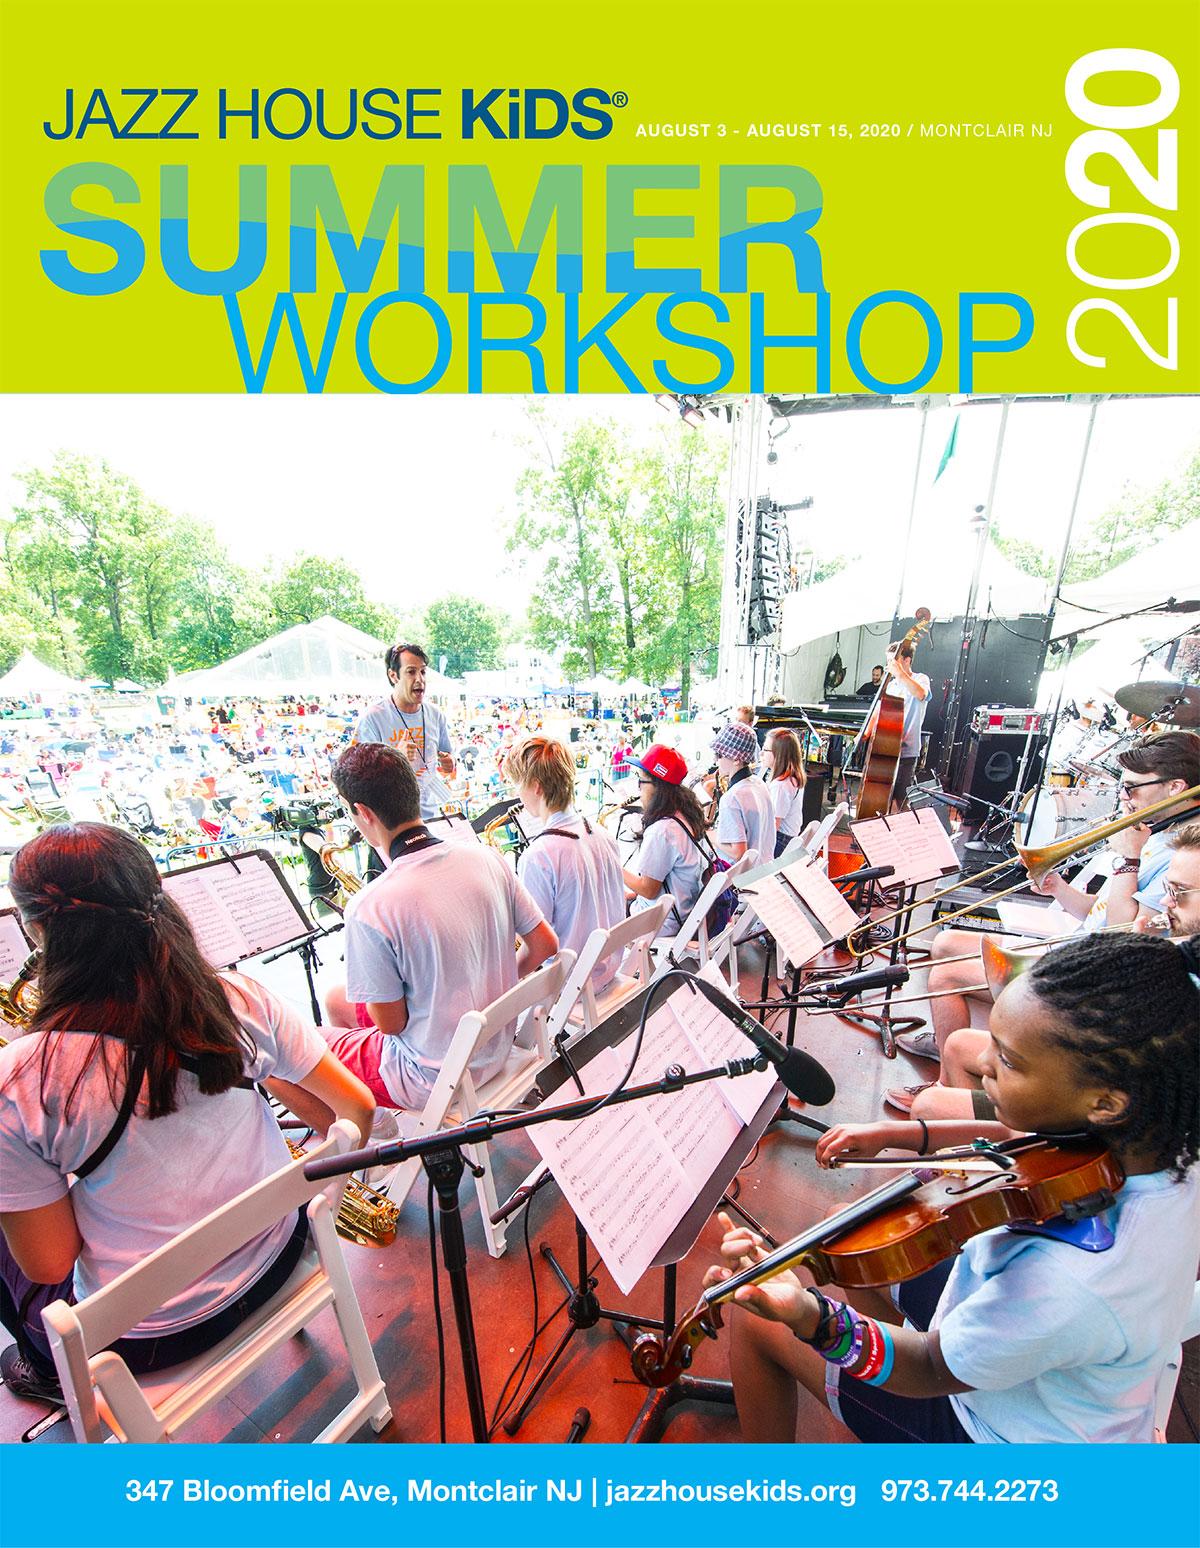 JAZZ HOUSE KiDS Summer Workshop 2020